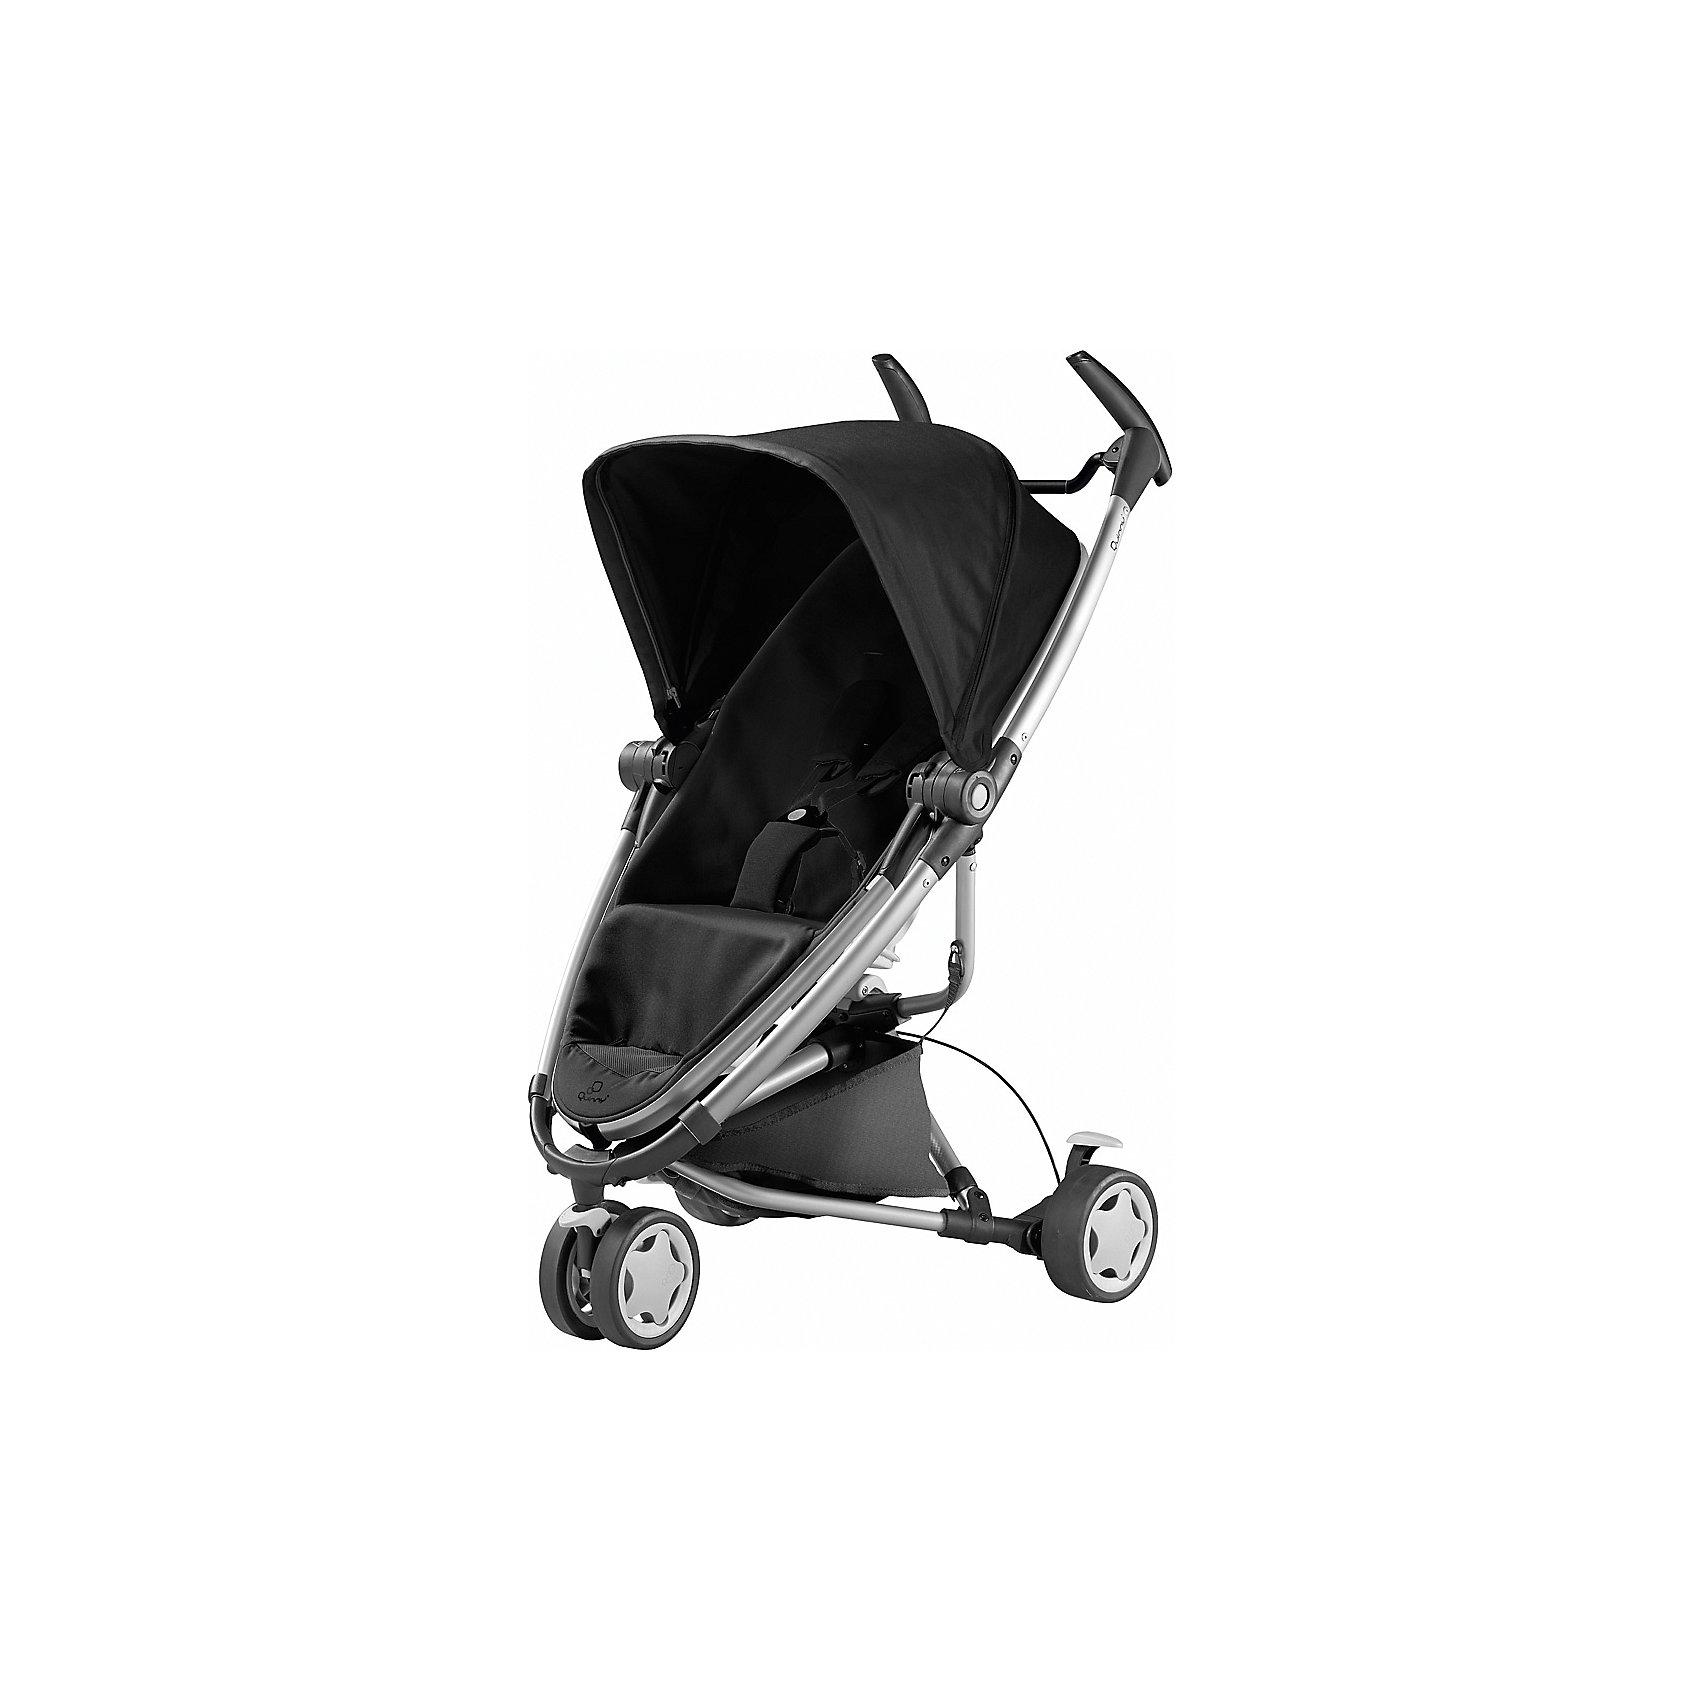 Коляска-трость Zapp Xtra 2, Quinny, rocking blackКоляска-трость Запп (Zapp) Xtra 2, Quinny (Квини) - легкая современная прогулочная коляска, которая отвечает всем требованиям комфорта и безопасности малыша. Современный дизайн, легкость управления и маневренность делают ее идеальной для использования в любой ситуации. Коляска оснащена удобным для ребенка сиденьем с мягкими 5-точечными ремнями безопасности. Спинка легко раскладывается в 3 положениях, вплоть до горизонтального. Съемный регулируемый капюшон со смотровым окошком защитит от солнца и дождя. Прогулочный блок устанавливается как по ходу движения коляски так и наоборот. Для родителей предусмотрены удобные ручки и вместительная съемная корзина для принадлежностей малыша.<br><br>Коляска оснащена 3 съемными колесами: сдвоенное переднее поворачивается на 360? и фиксируется, 2 задних колеса со стояночной тормозной системой. Коляска легко и компактно складывается, что позволяет использовать ее во время поездок и путешествий. Тканевая обивка из прочных водо- и грязеотталкивающих материалов легко снимается и чистится, допустима стирка при температуре воды 30? С. Есть возможность установки на раму автокресел Maxi-Cosi Cabrio Fix, Citi и Pebble группы 0+ (приобретаются отдельно). Подходит для детей от 6 мес. до 4 лет, максимальный вес - 15 кг.<br><br>Дополнительная информация:<br><br>- удобна для транспортировки и хранения;<br>- капюшон от солнца и дождя;<br>- регулировка наклона спинки;<br>- сиденье коляски может быть расположено как по ходу движения, так и лицом к маме;<br>- съемная корзина для вещей ребенка;<br>- светоотражающие элементы на обшивке;<br>- переднее плавающее колесо с фиксатором, 2 задних колеса со стояночной тормозной системой;<br>- сочетается с детскими автокреслами Maxi-Cosi Cabrio Fix, Citi и Pebble группы 0+;<br>- легко и компактно складывается тростью.<br>- В комплекте: прогулочный блок, шасси, дождевик.<br>- Цвет: rocking black<br>- Материал: текстиль, алюминий, пластик.<br>- Диаметр колес: 15 с